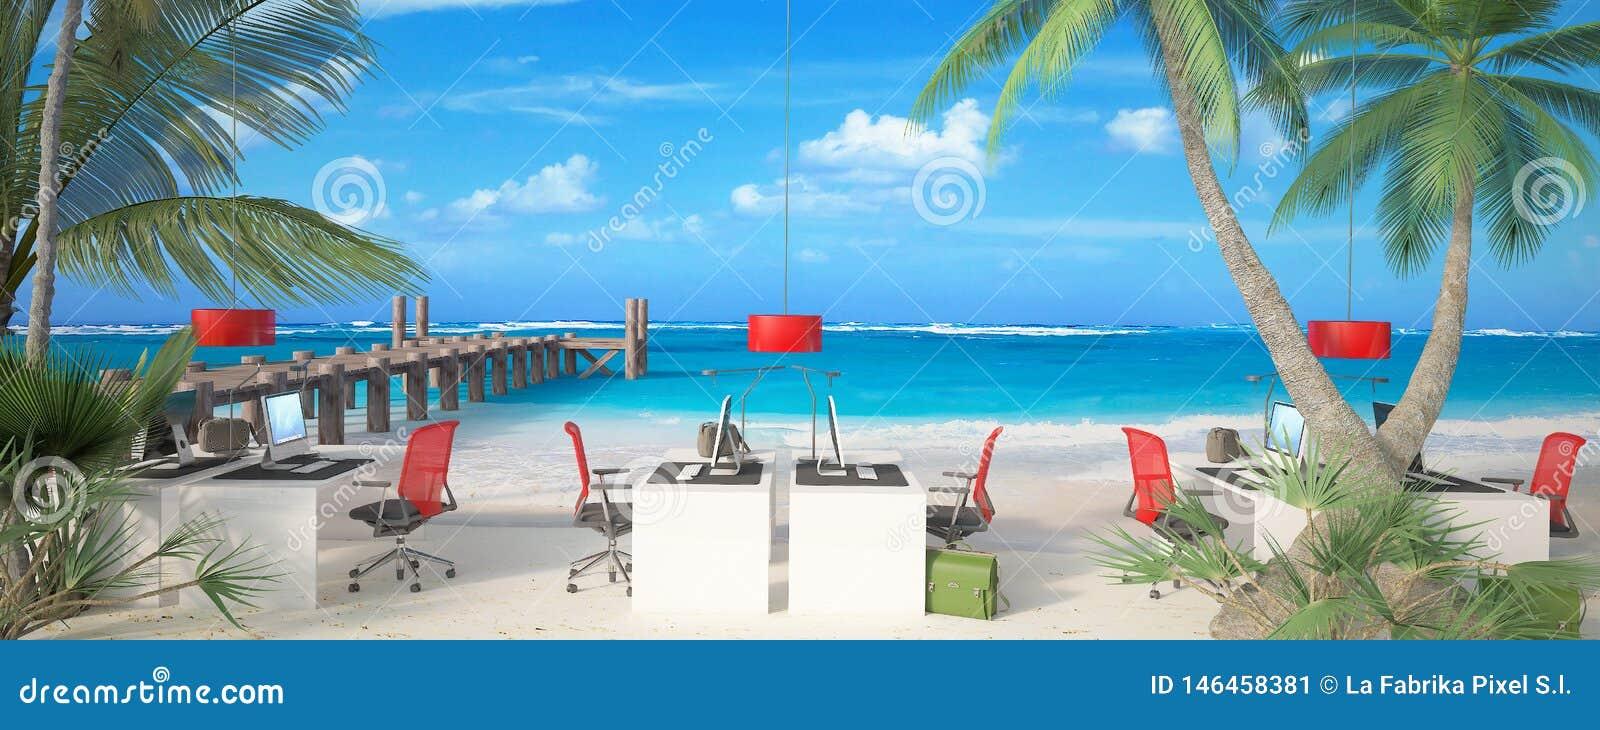 Kontor i stranden